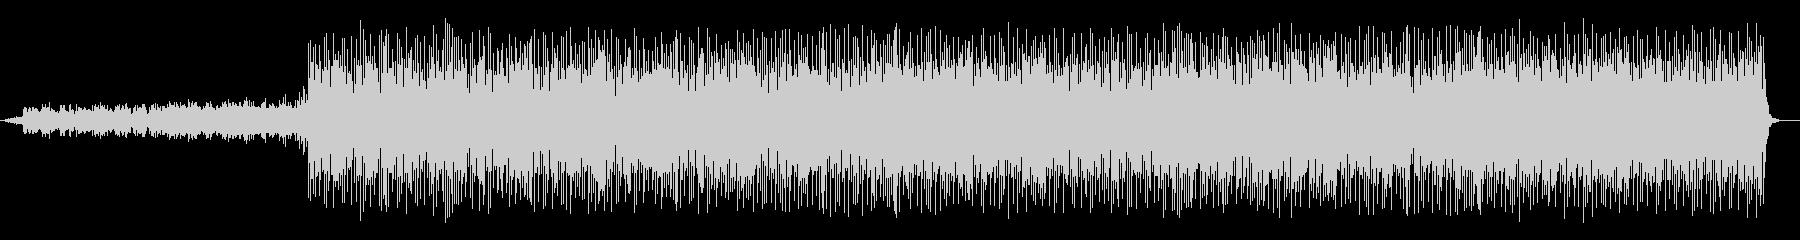 緩やかでメロディアスなピアノサウンドの未再生の波形